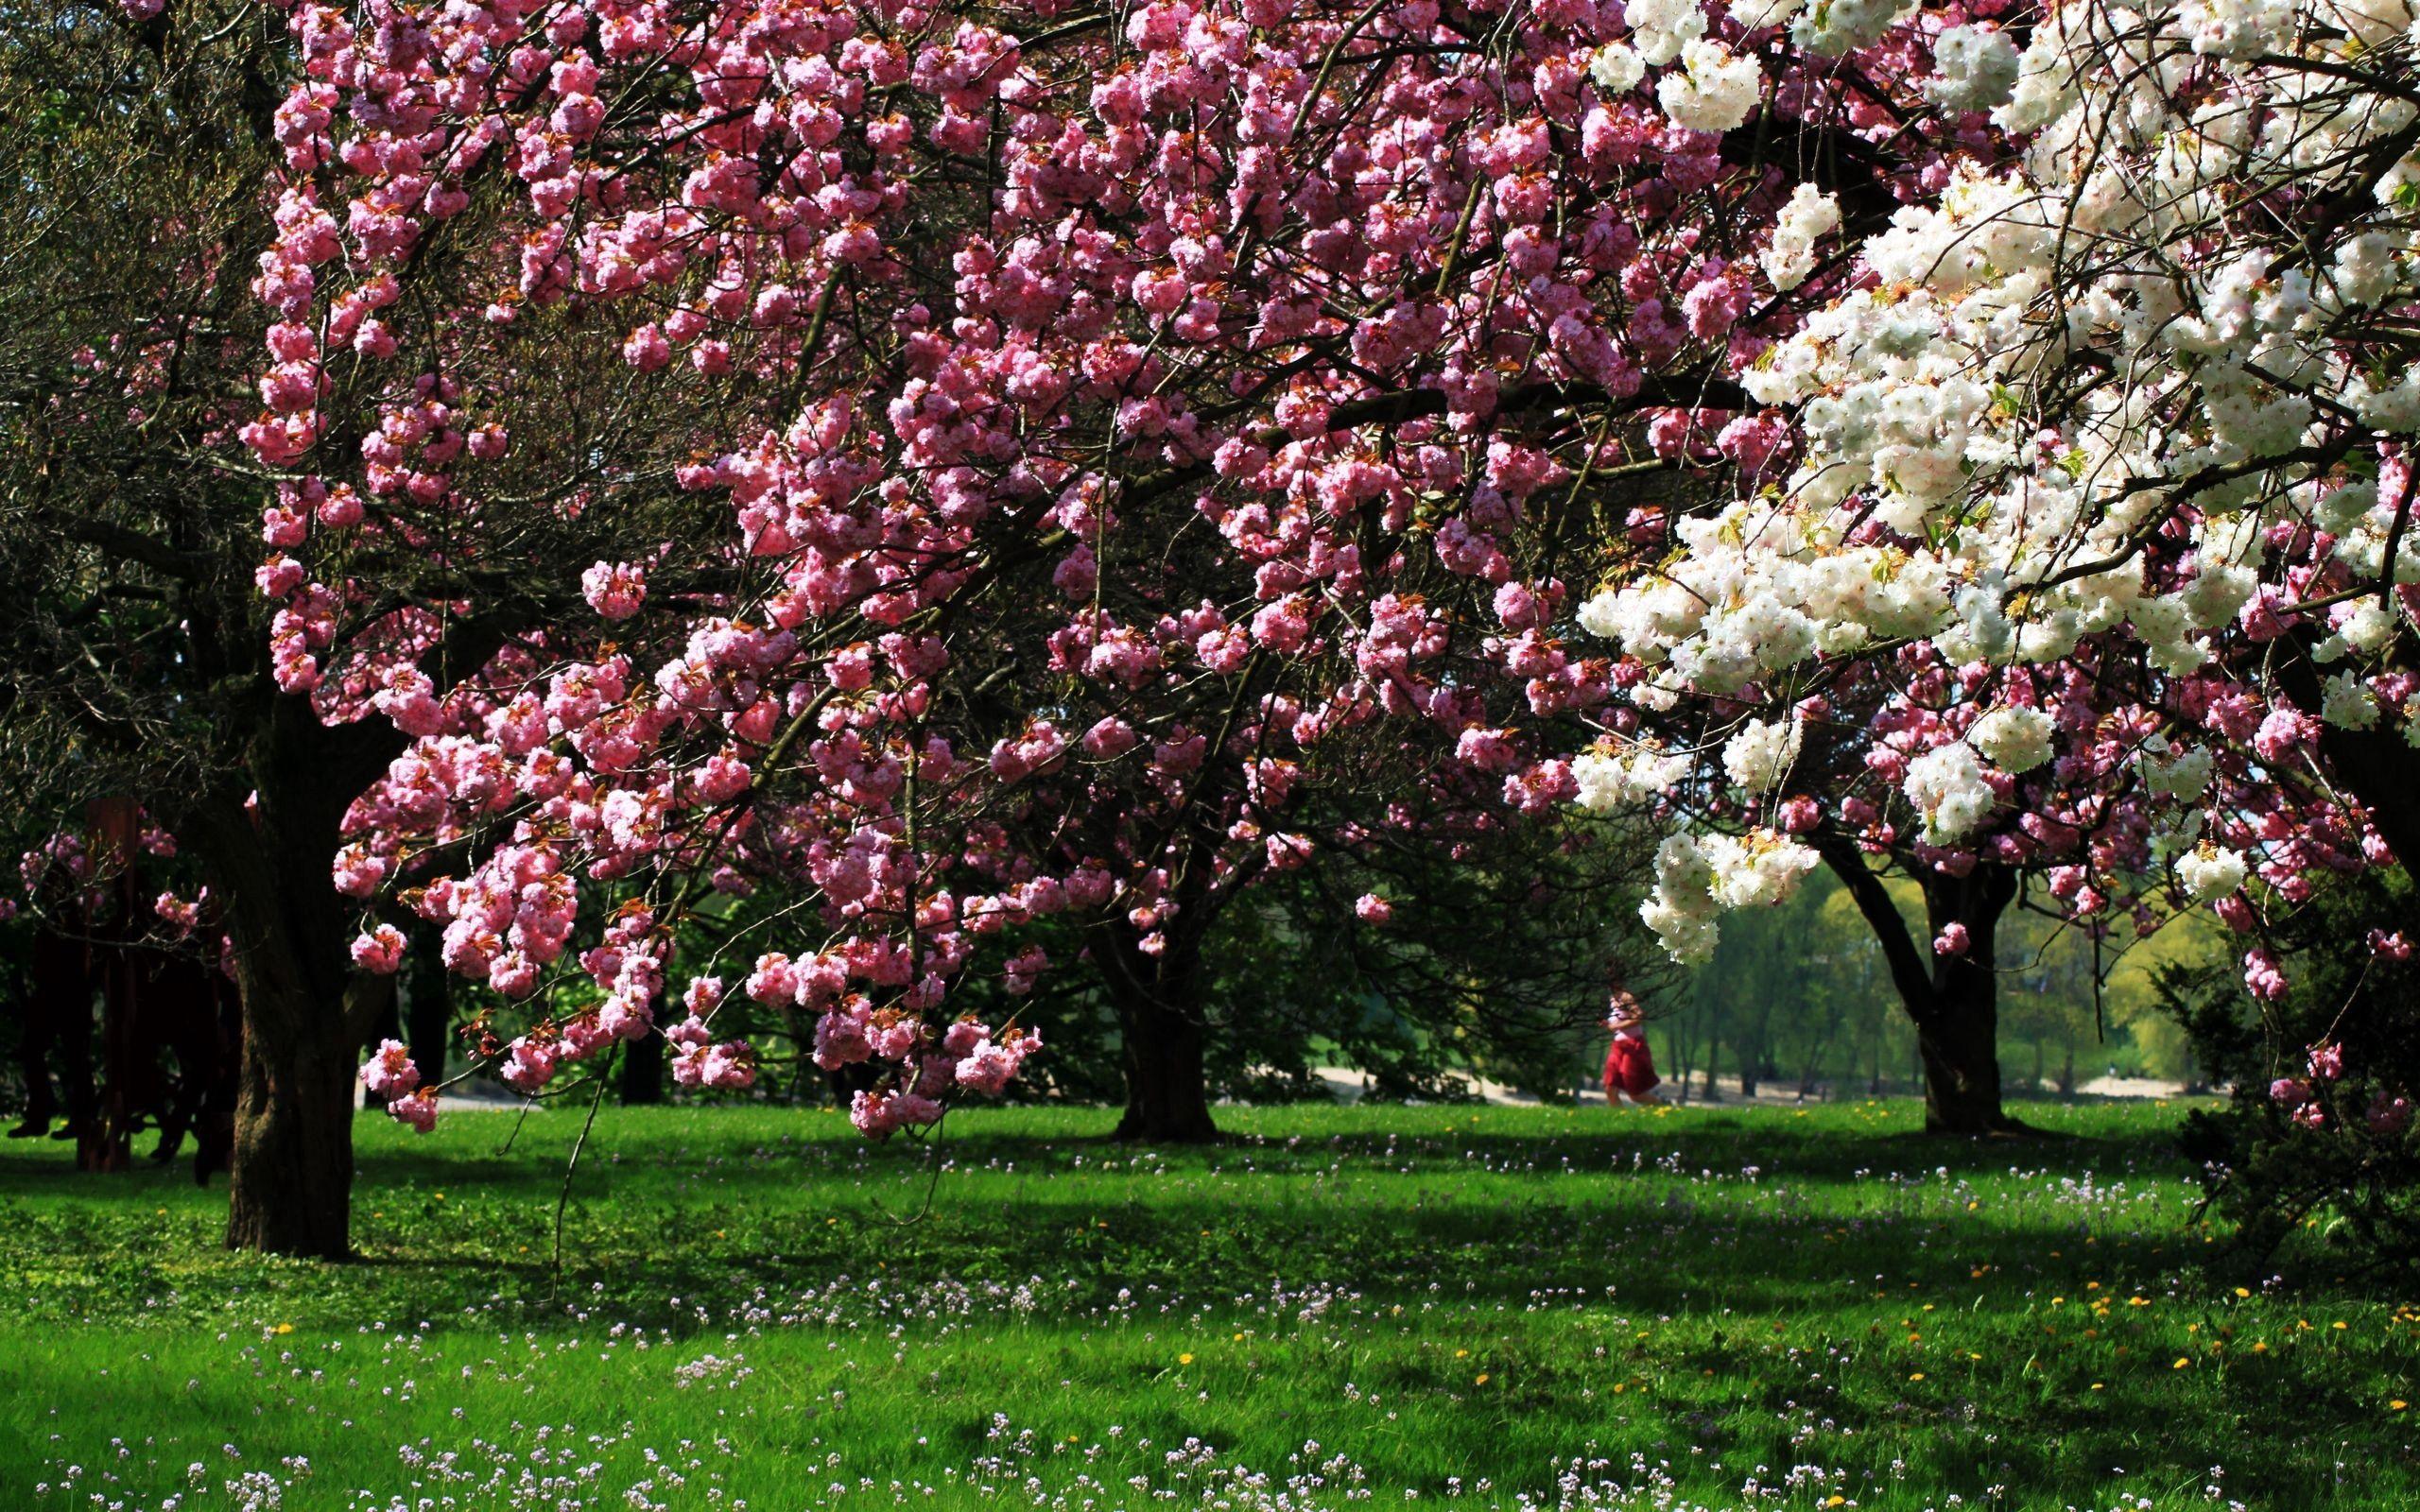 87209壁紙のダウンロード自然, 公園, 咲く, 開花, 木, 草-スクリーンセーバーと写真を無料で